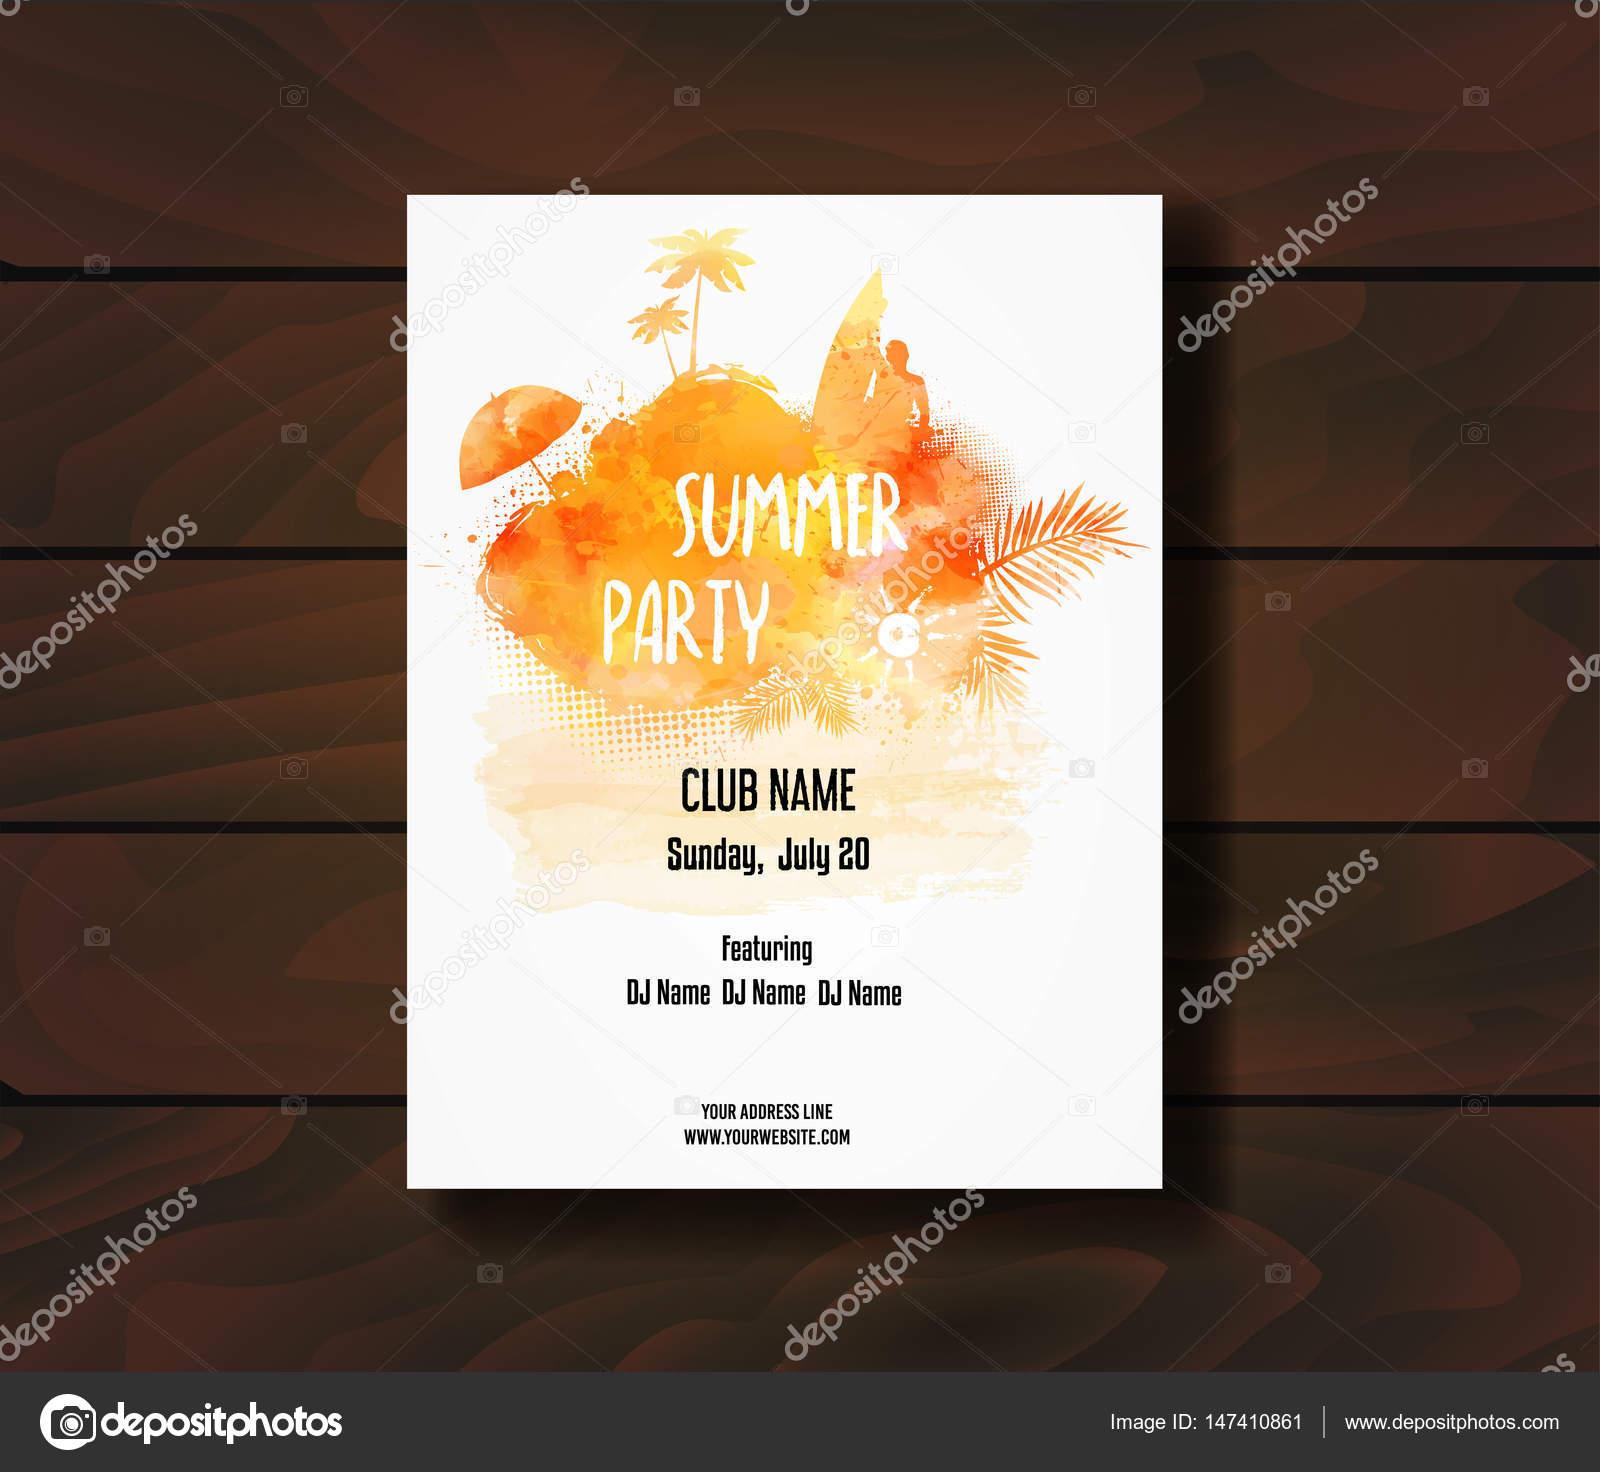 Plantilla cartel de fiesta de verano — Archivo Imágenes Vectoriales ...